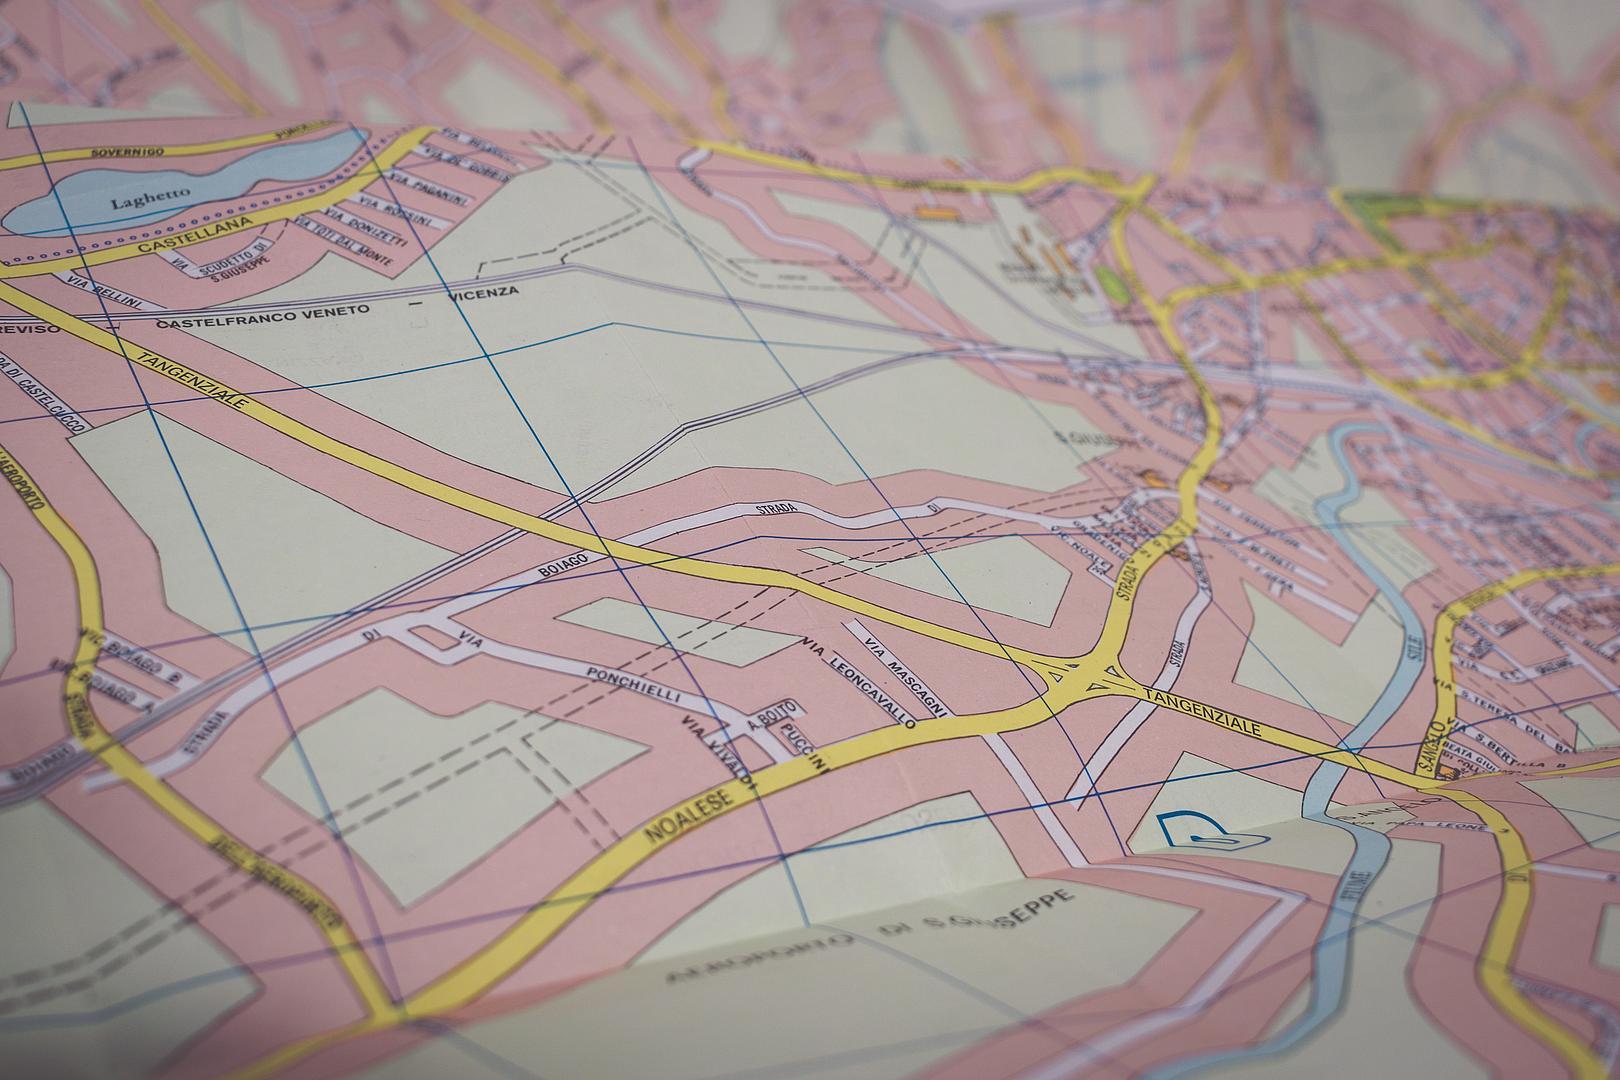 Telekom Lte Netzabdeckung Karte.Handysektor Handy Netzabdeckung Prüfen Wie Gut Ist Mein Handy